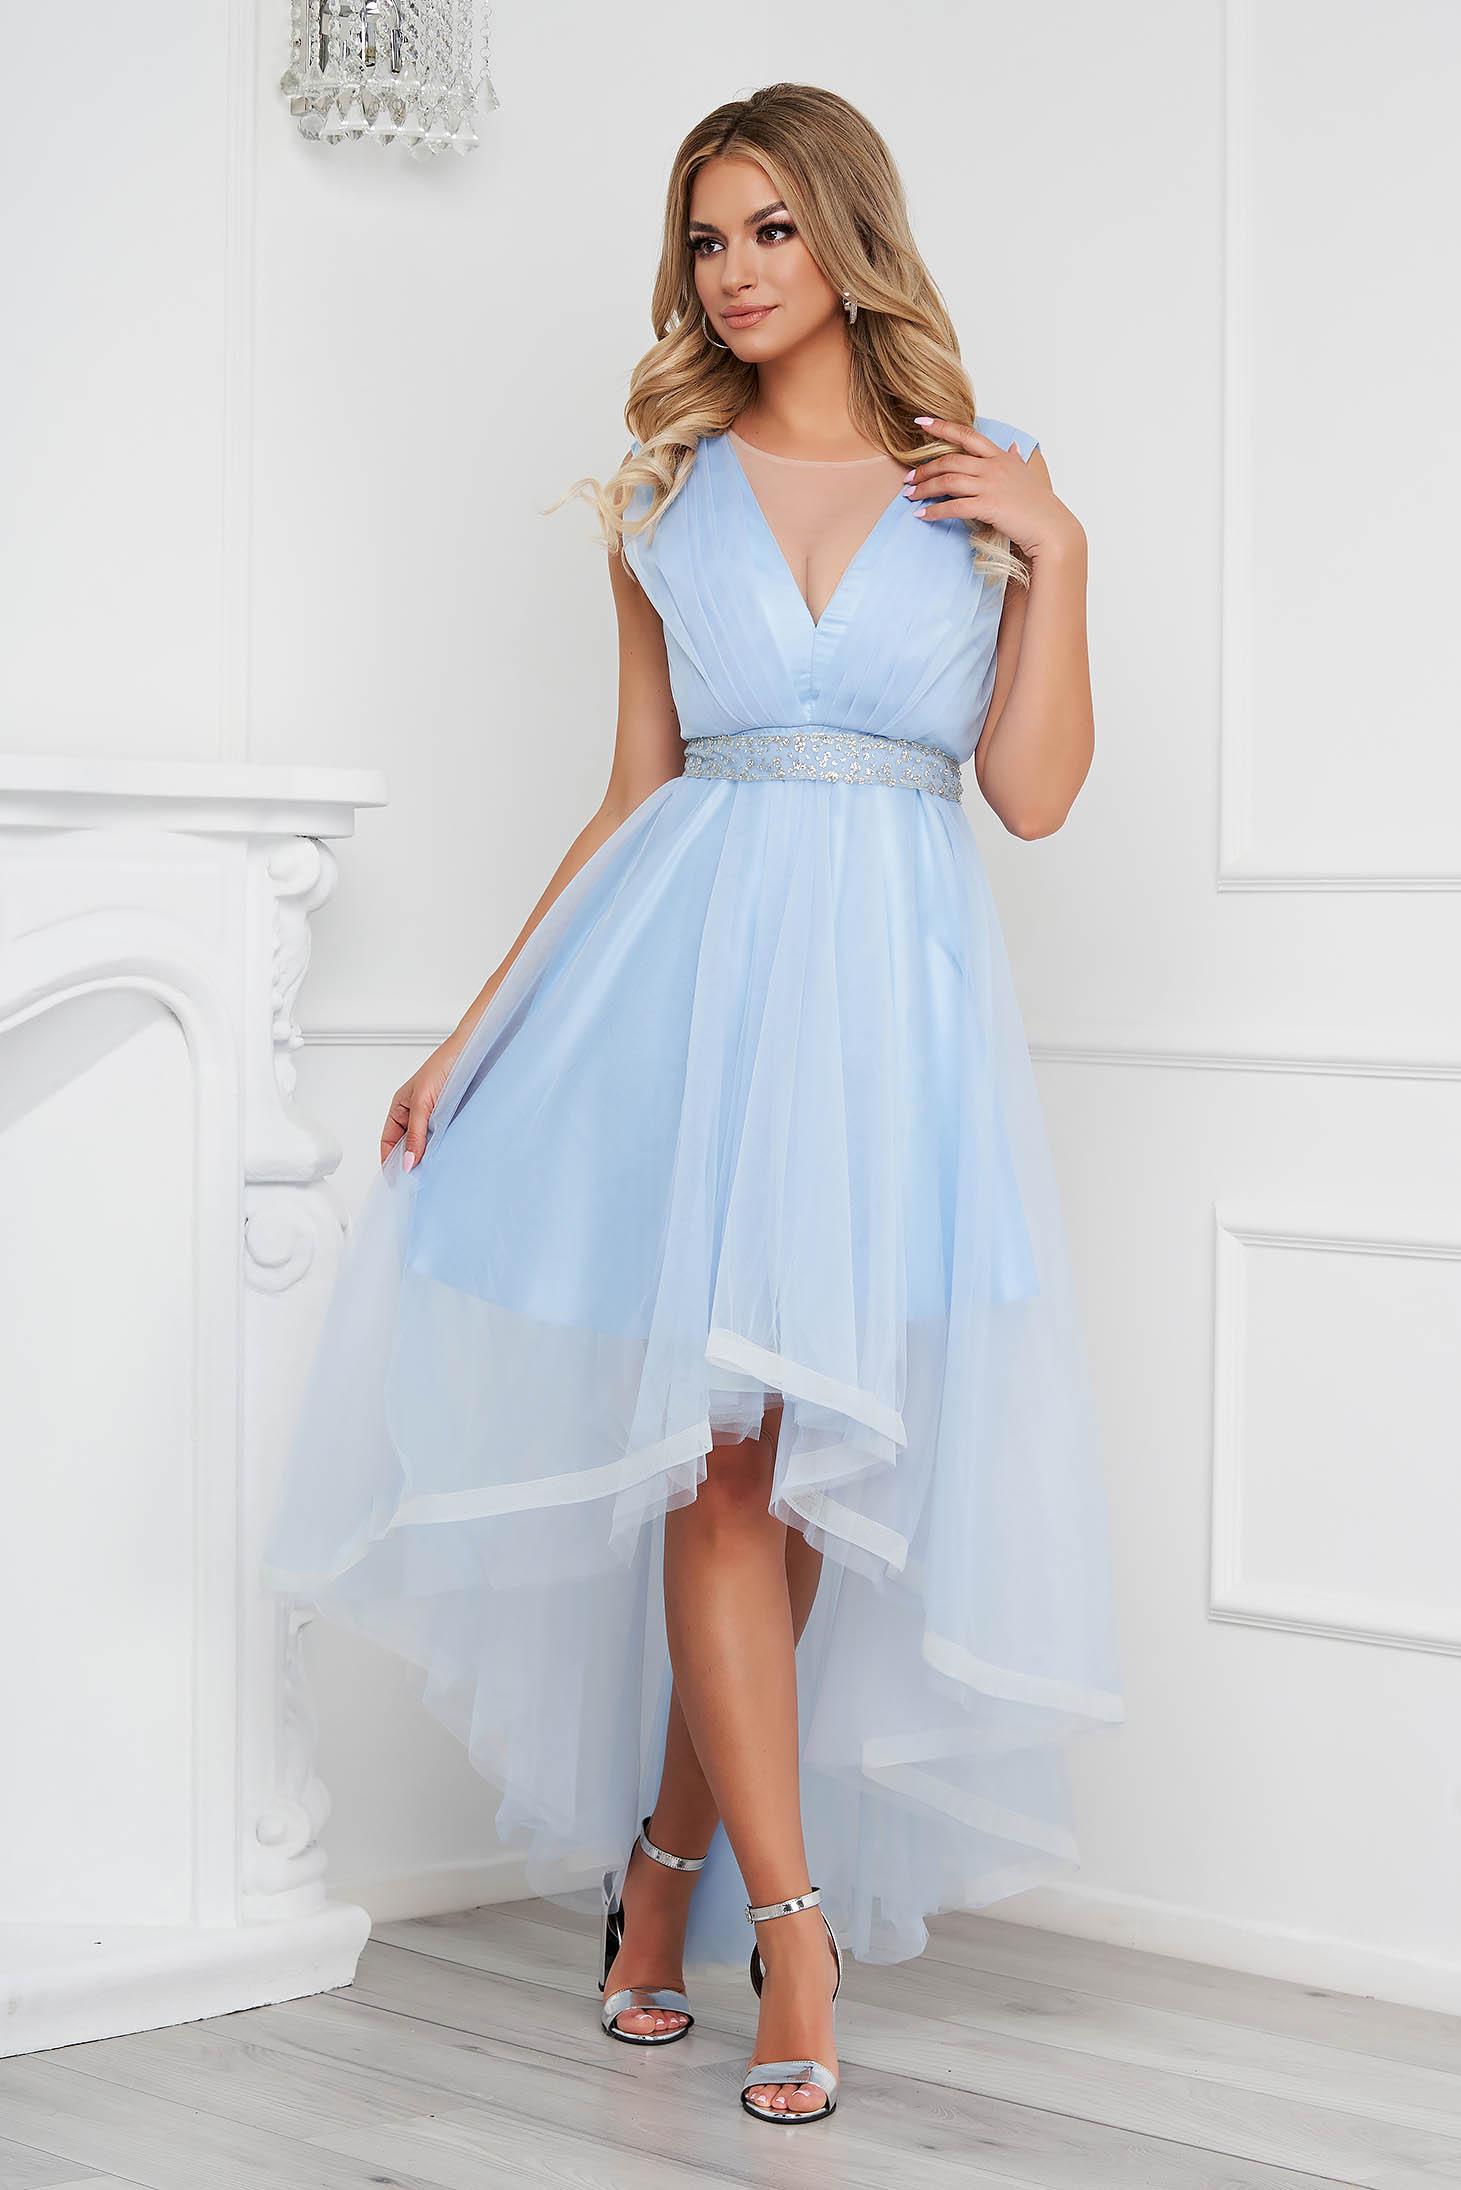 Rochie albastru-deschis asimetrica de ocazie in clos din tul cu rijelina si cordon detasabil